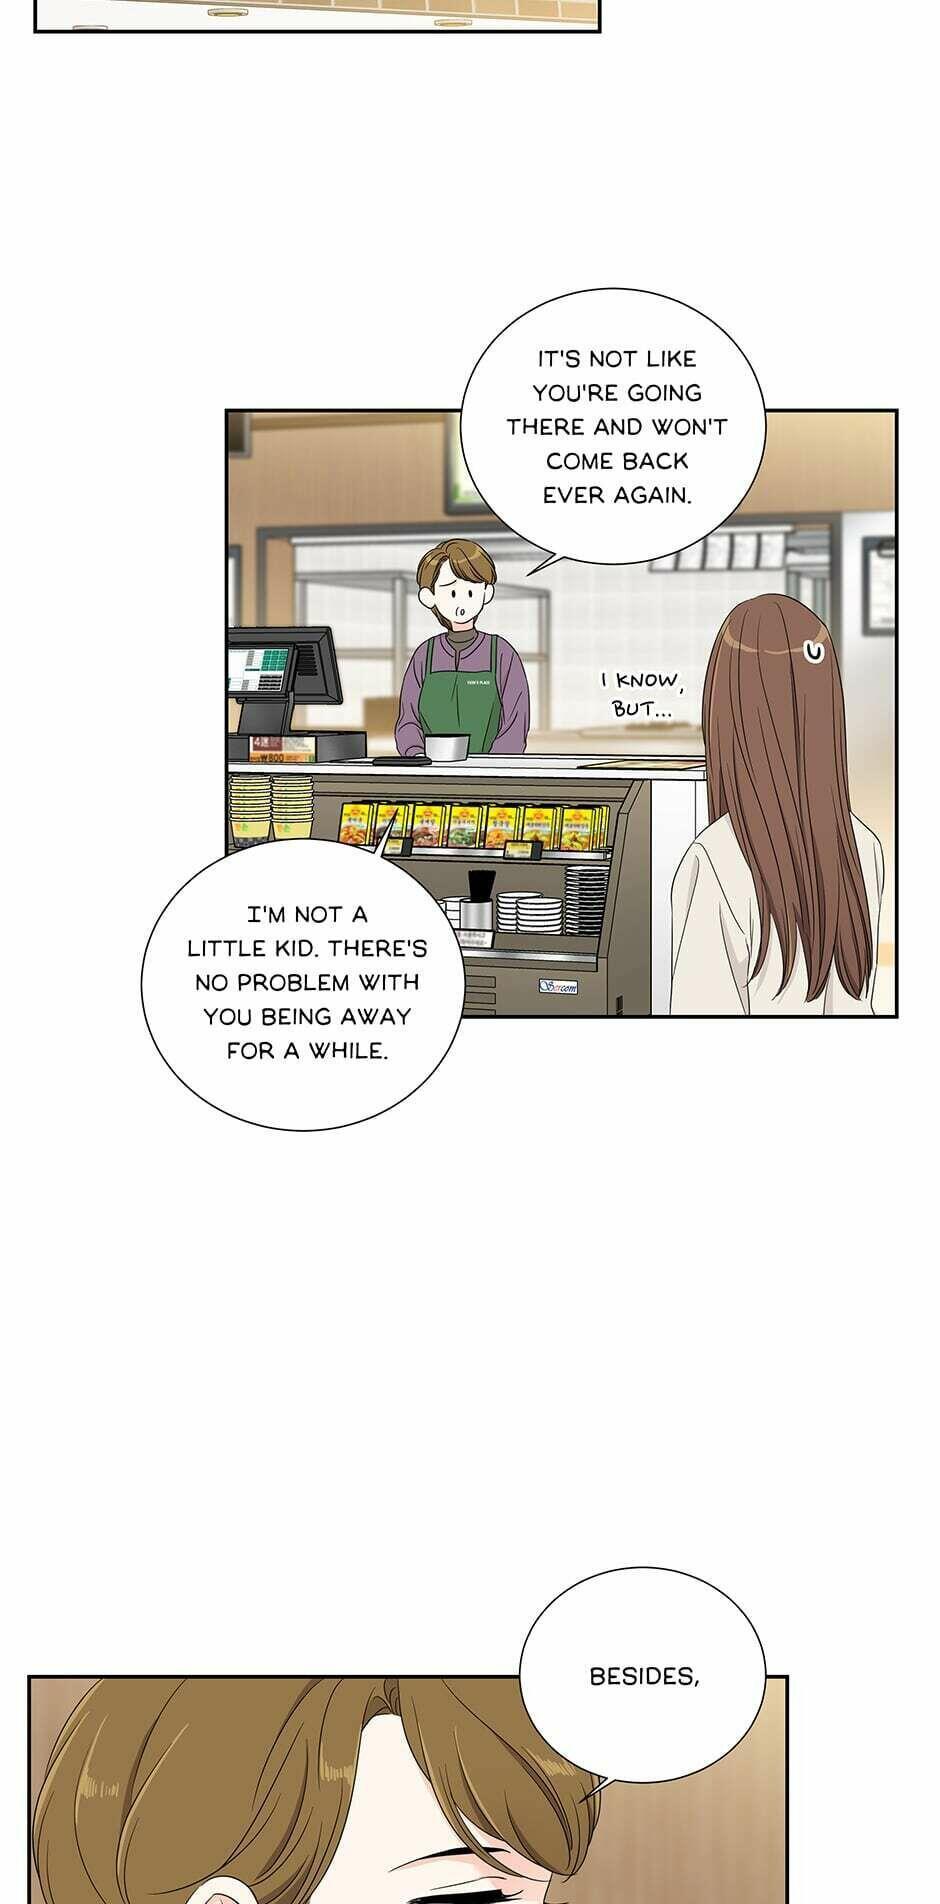 I Want To Do It, Even If It Hurtsa Chapter 56 page 6 - Mangakakalots.com